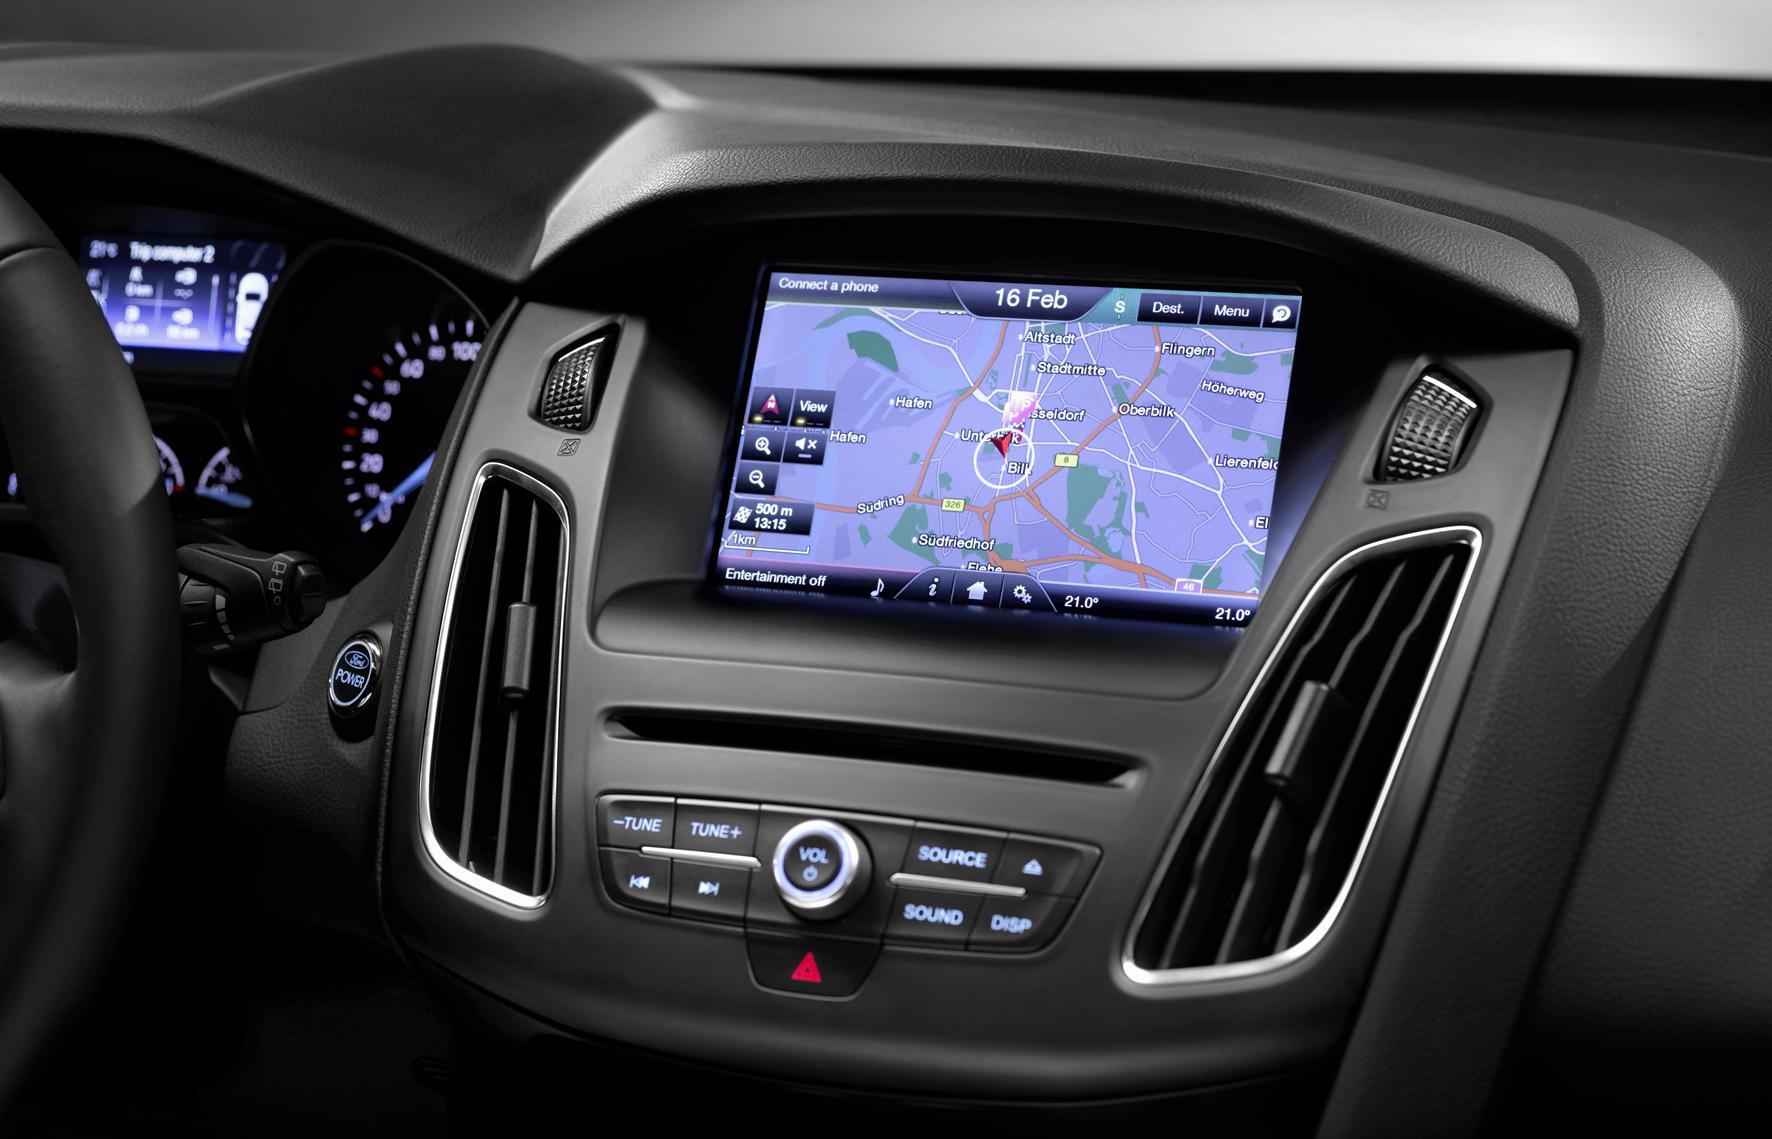 2014 Ford Focus sat-nav